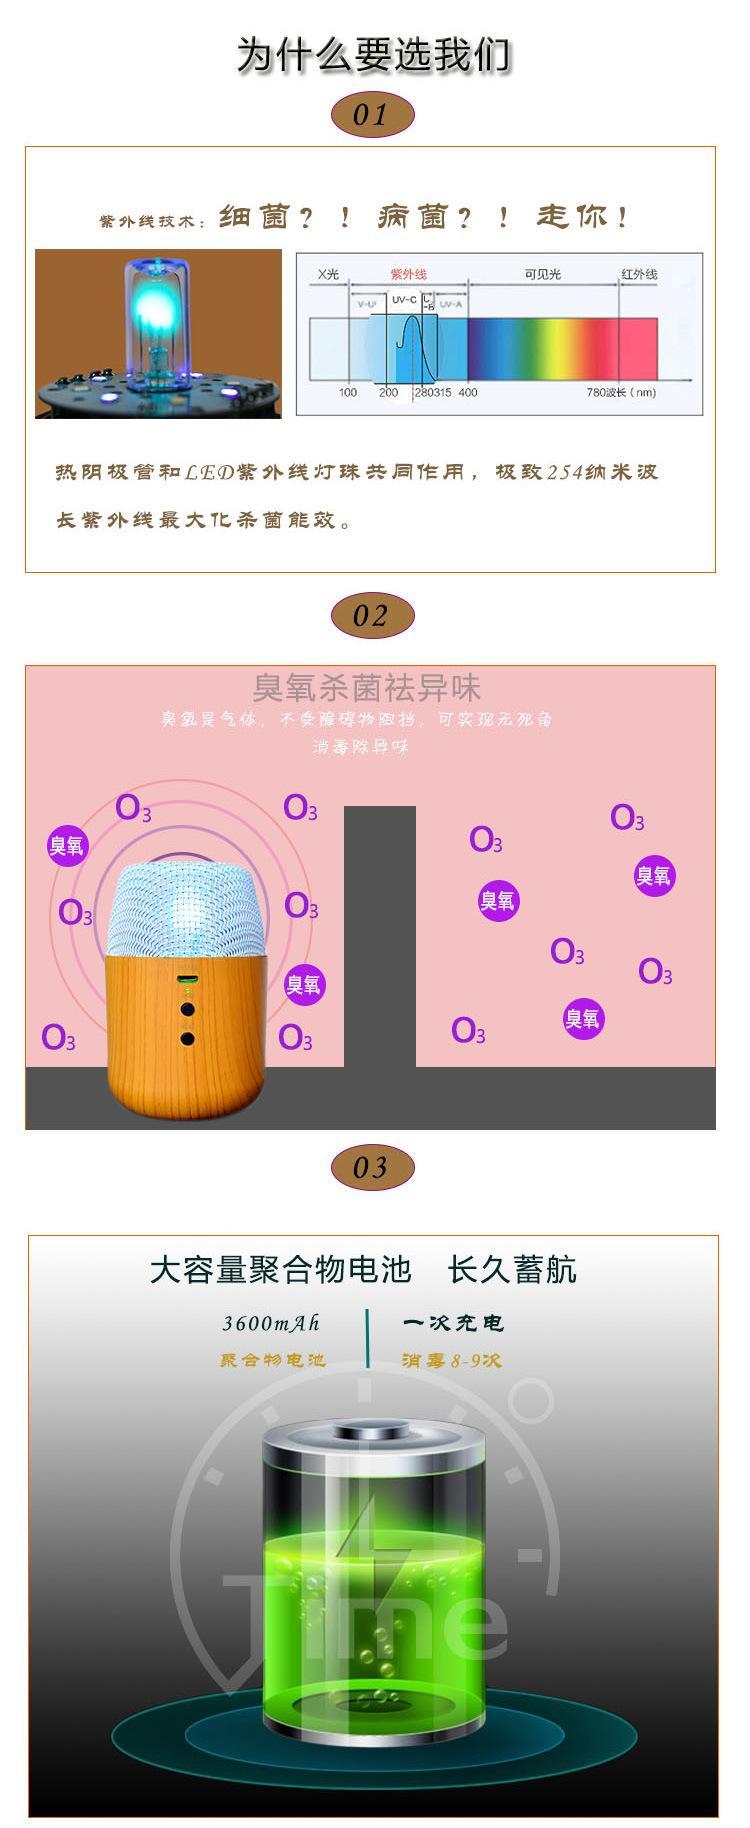 無線遙控居家冰箱汽車用小面積臭氧除臭紫外線滅菌燈 15